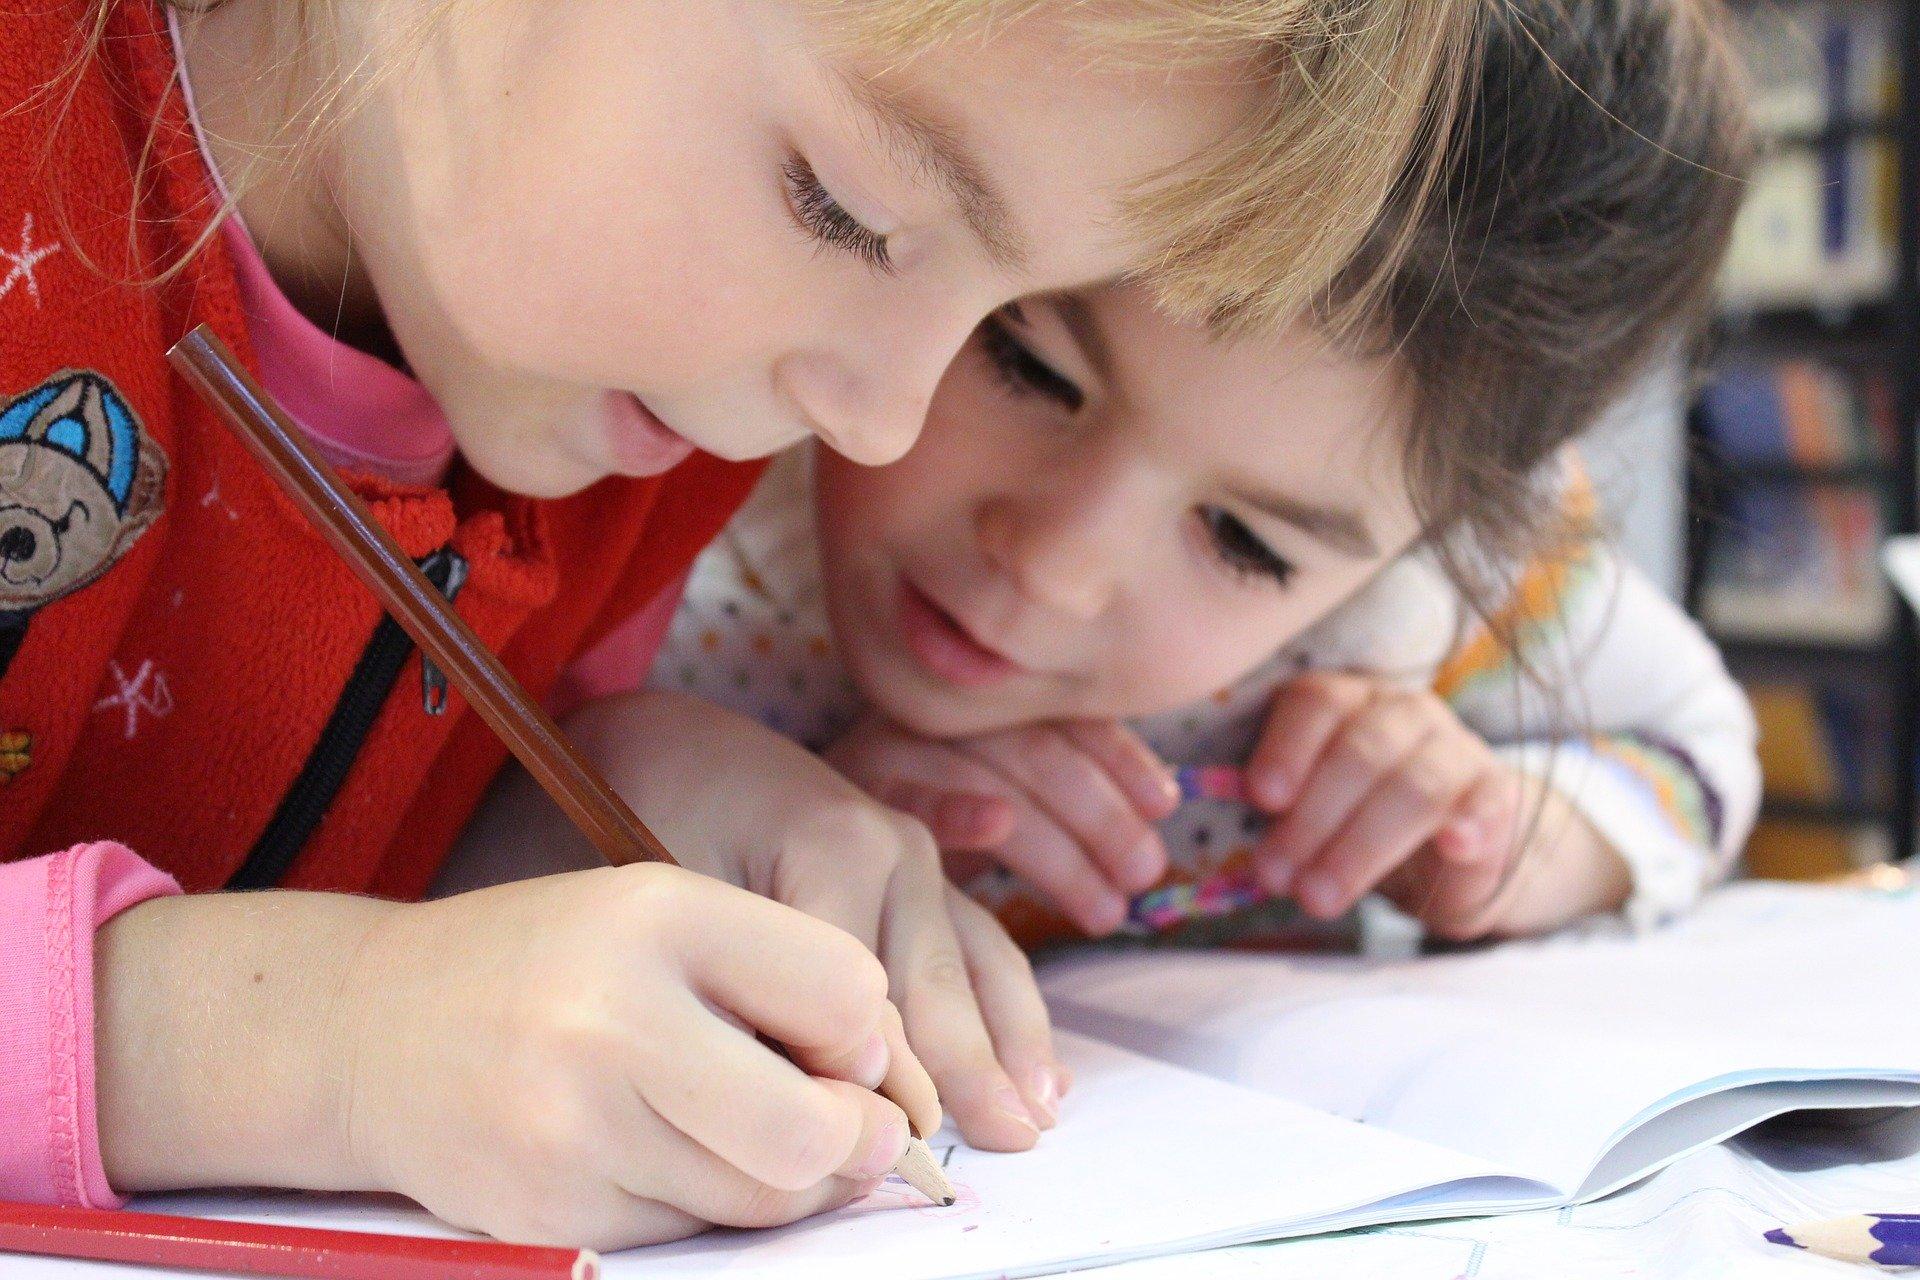 Las tutorías entre miembros del alumnado fomentan la colaboración y la comprensión de los contenidos.